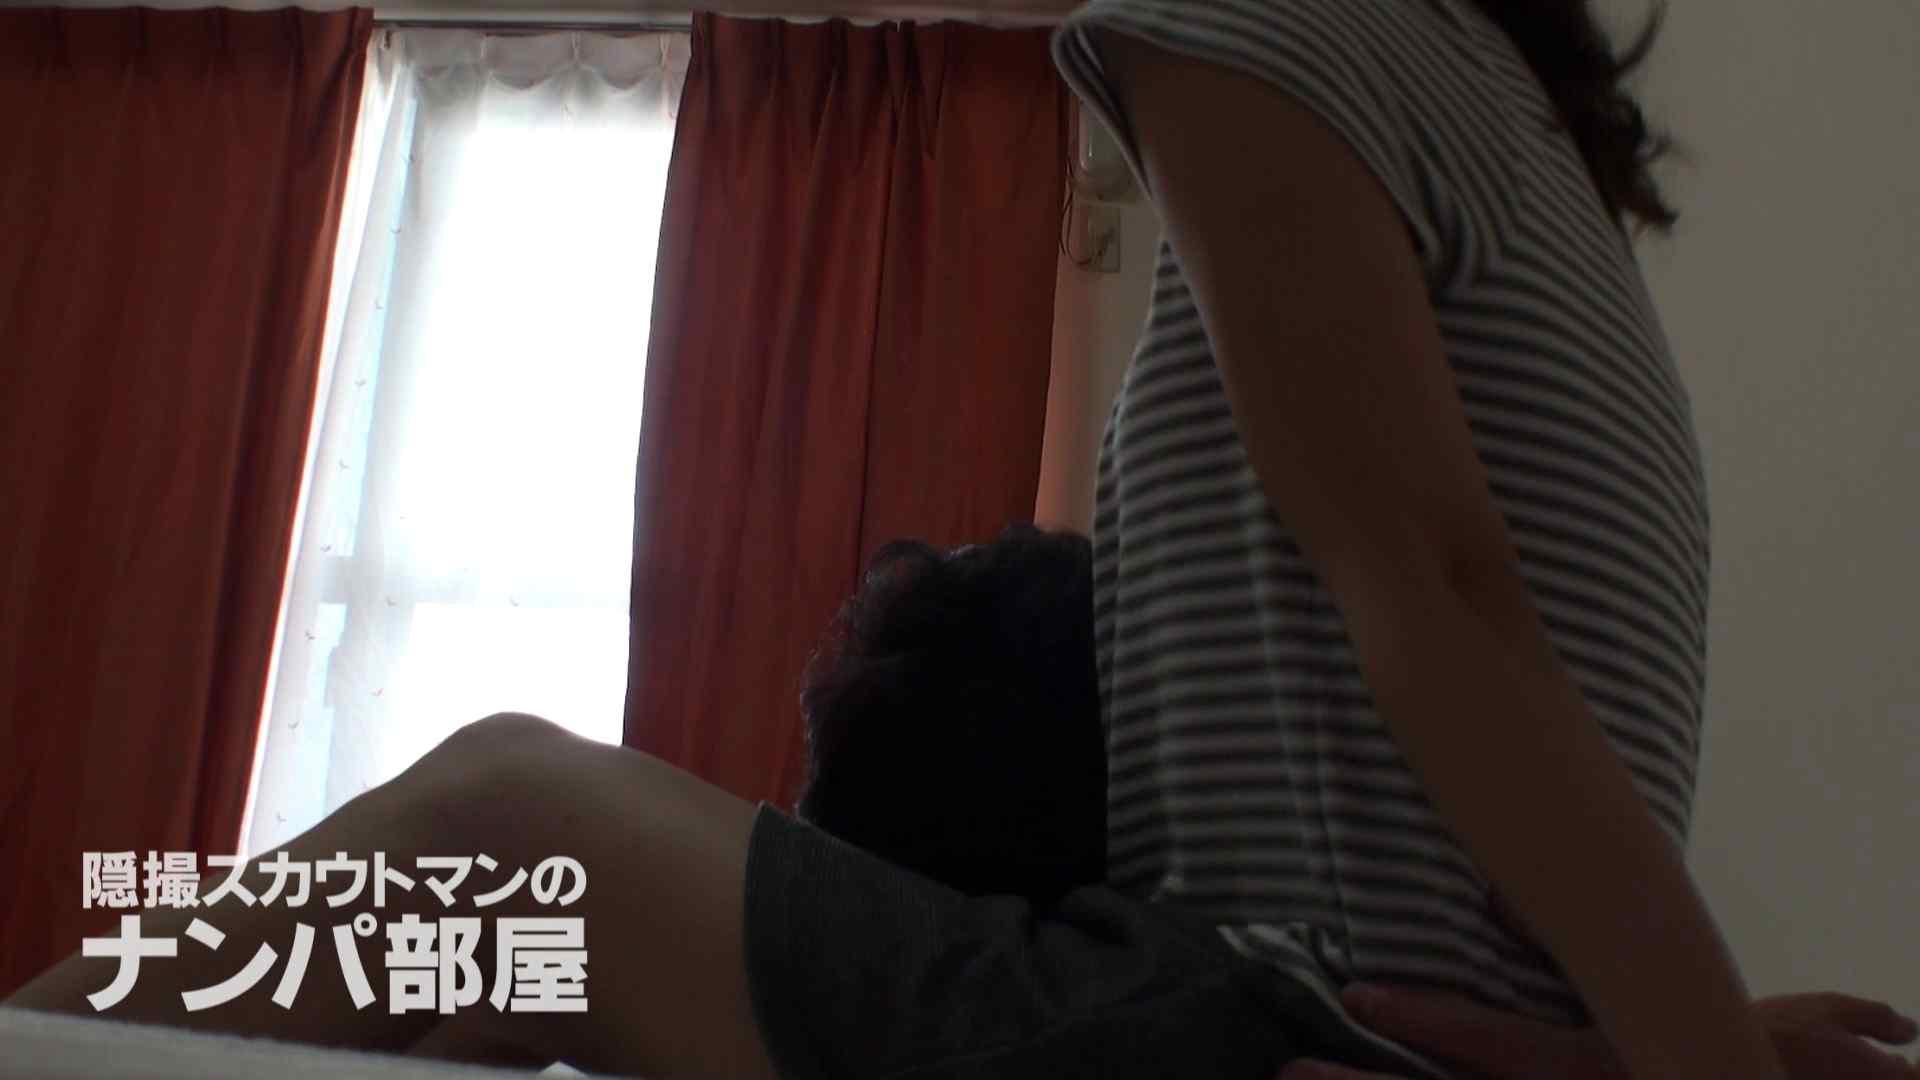 隠撮スカウトマンのナンパ部屋~風俗デビュー前のつまみ食い~ siivol.3 ナンパ  92PIX 52